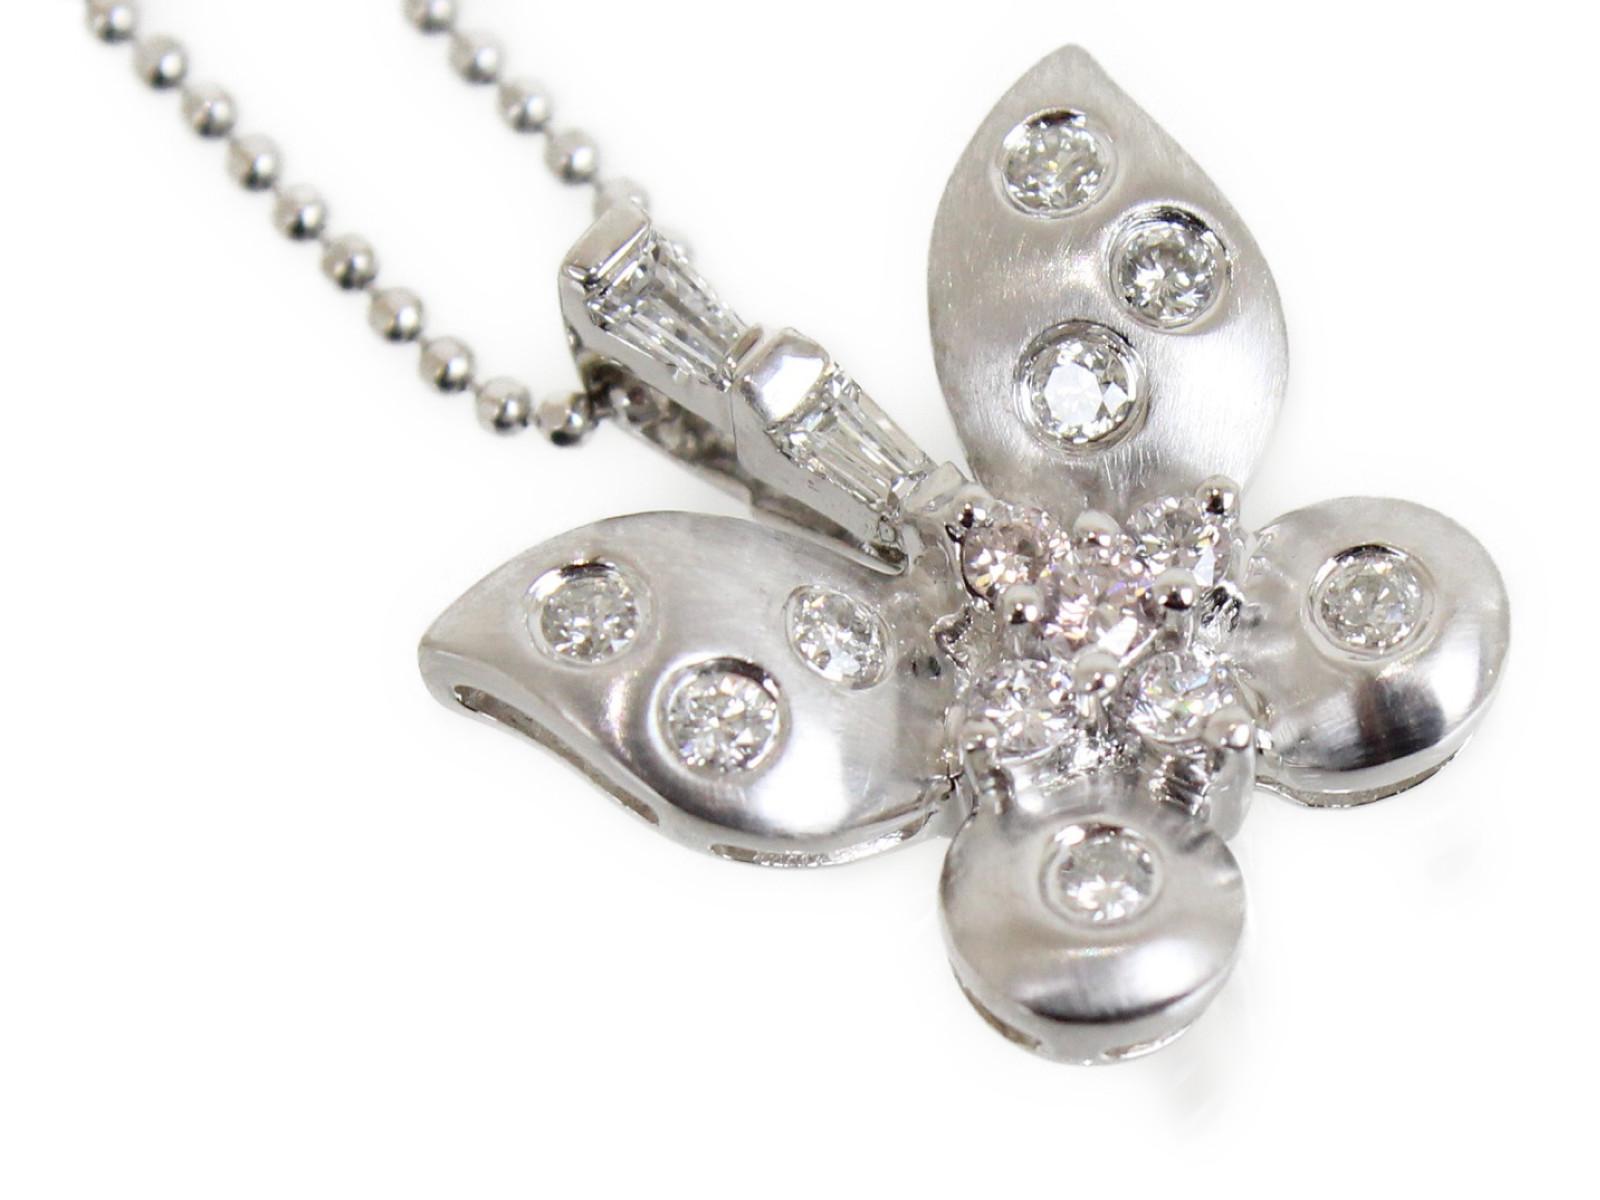 バタフライネックレスダイヤモンド0.33ctK18WG 4g 41cmシンプル カワイイレディース ギフト包装可【中古】